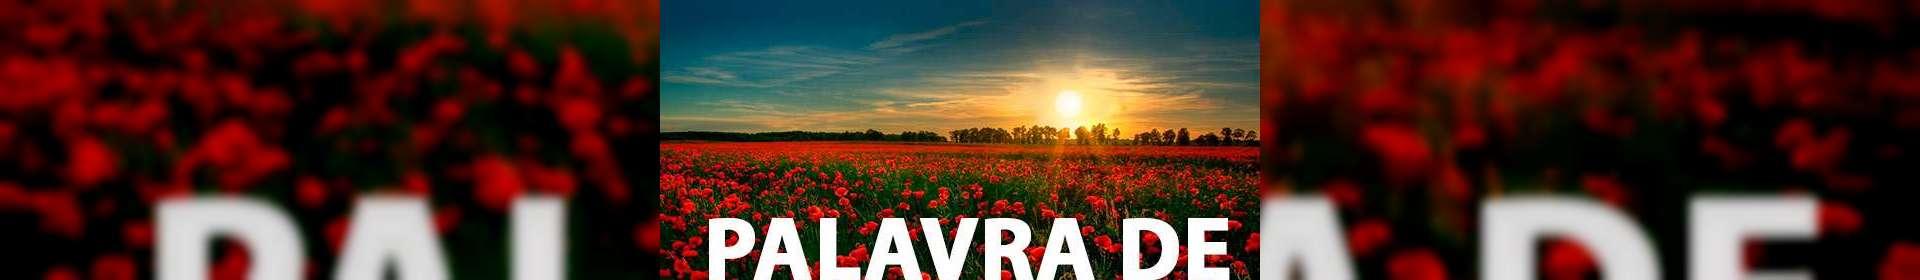 Salmos 18:30 - Uma Palavra de Esperança para sua vida